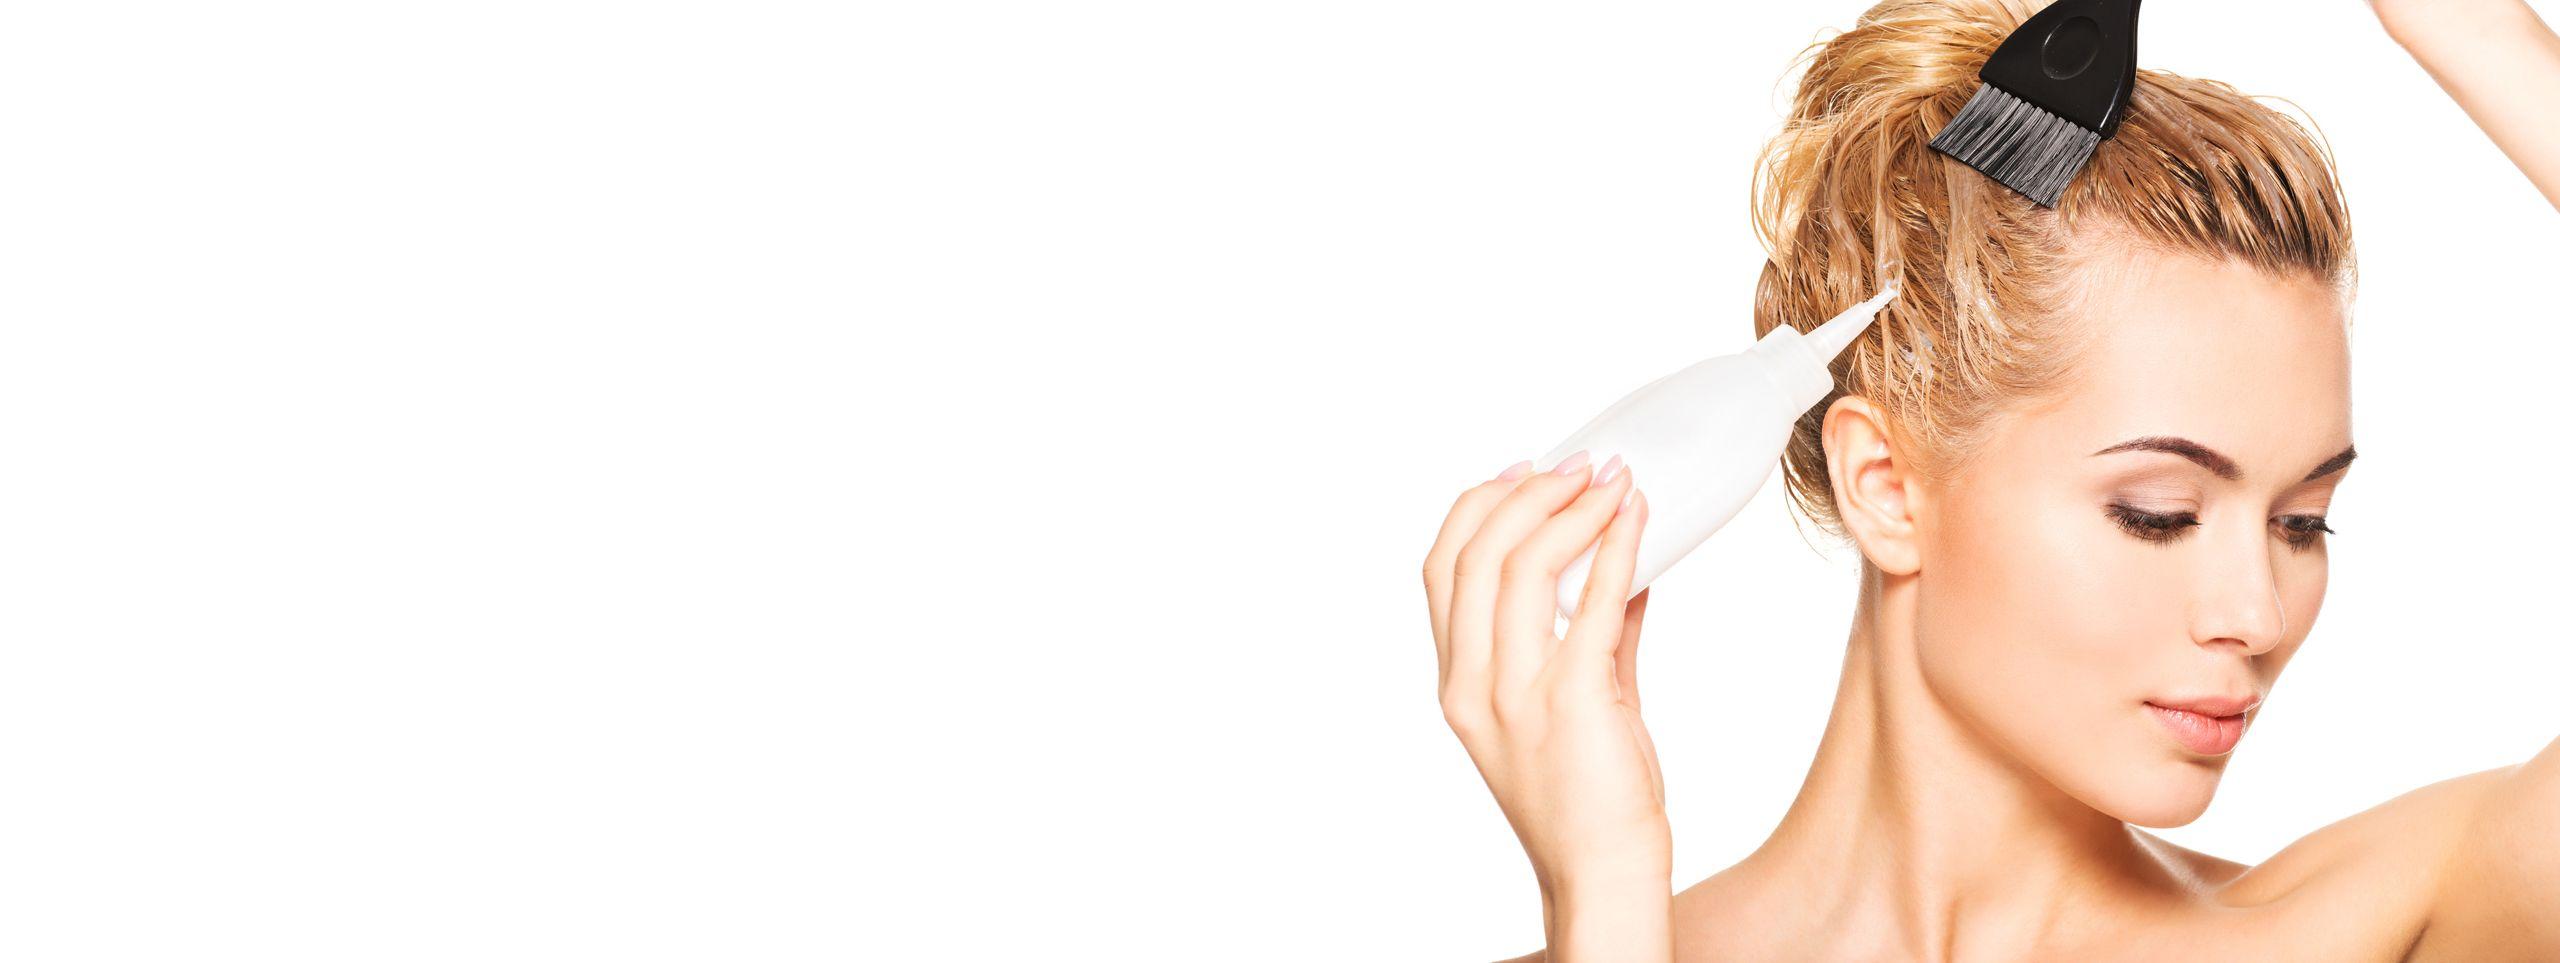 Kobieta samodzielnie farbuje włosy na kolor jasny blond